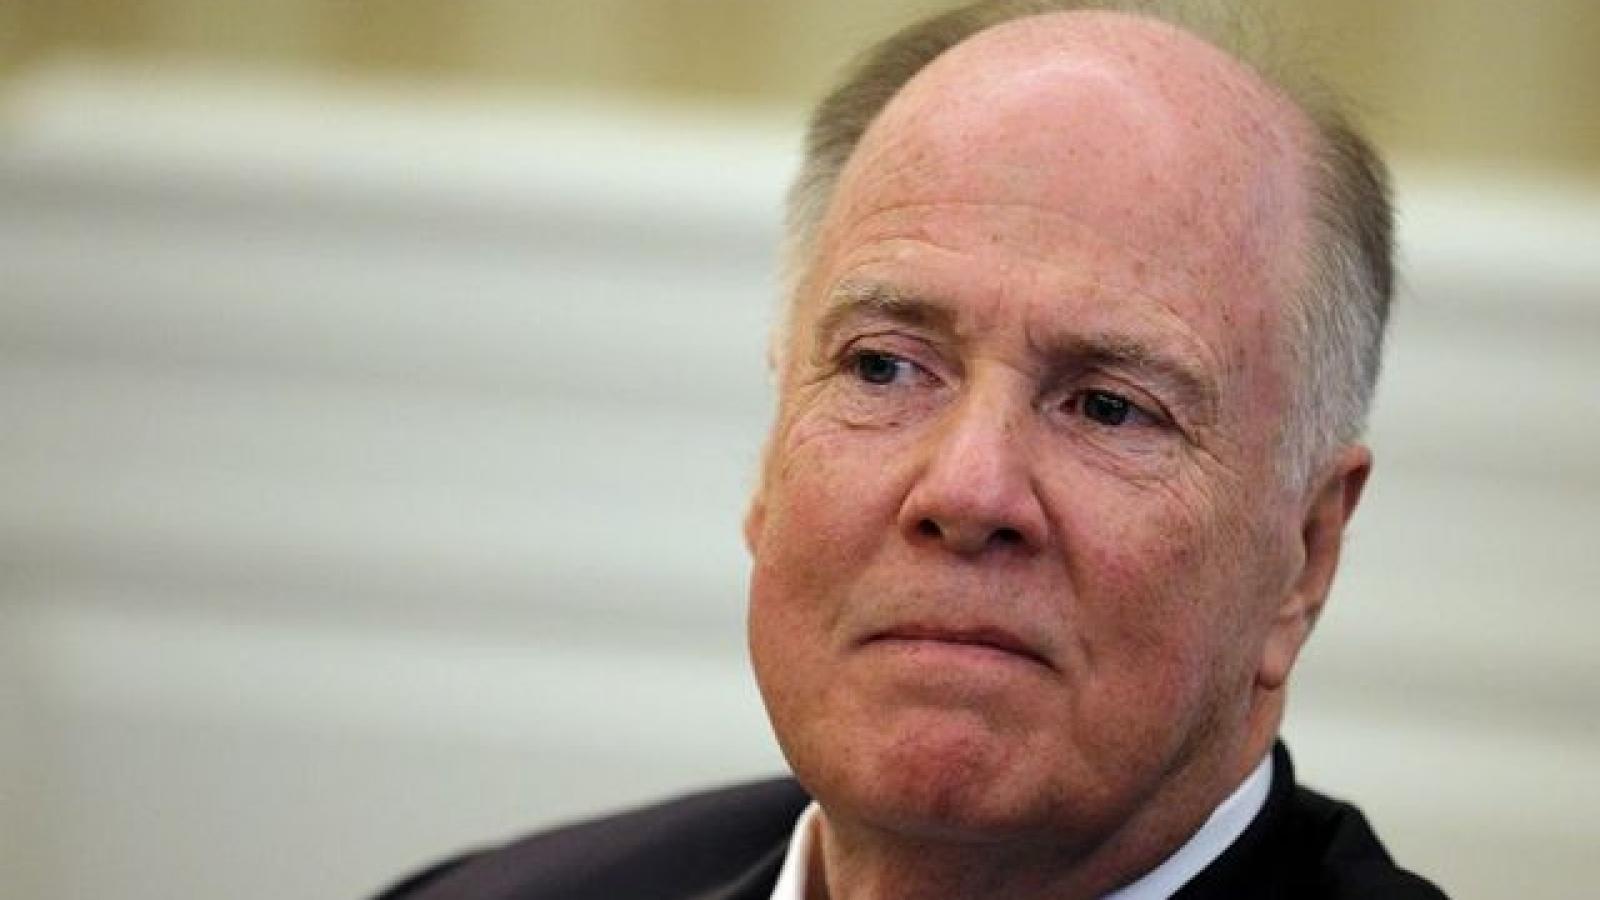 Ông Biden cân nhắc bổ nhiệm cựu cố vấn an ninh quốc gia làm Giám đốc CIA